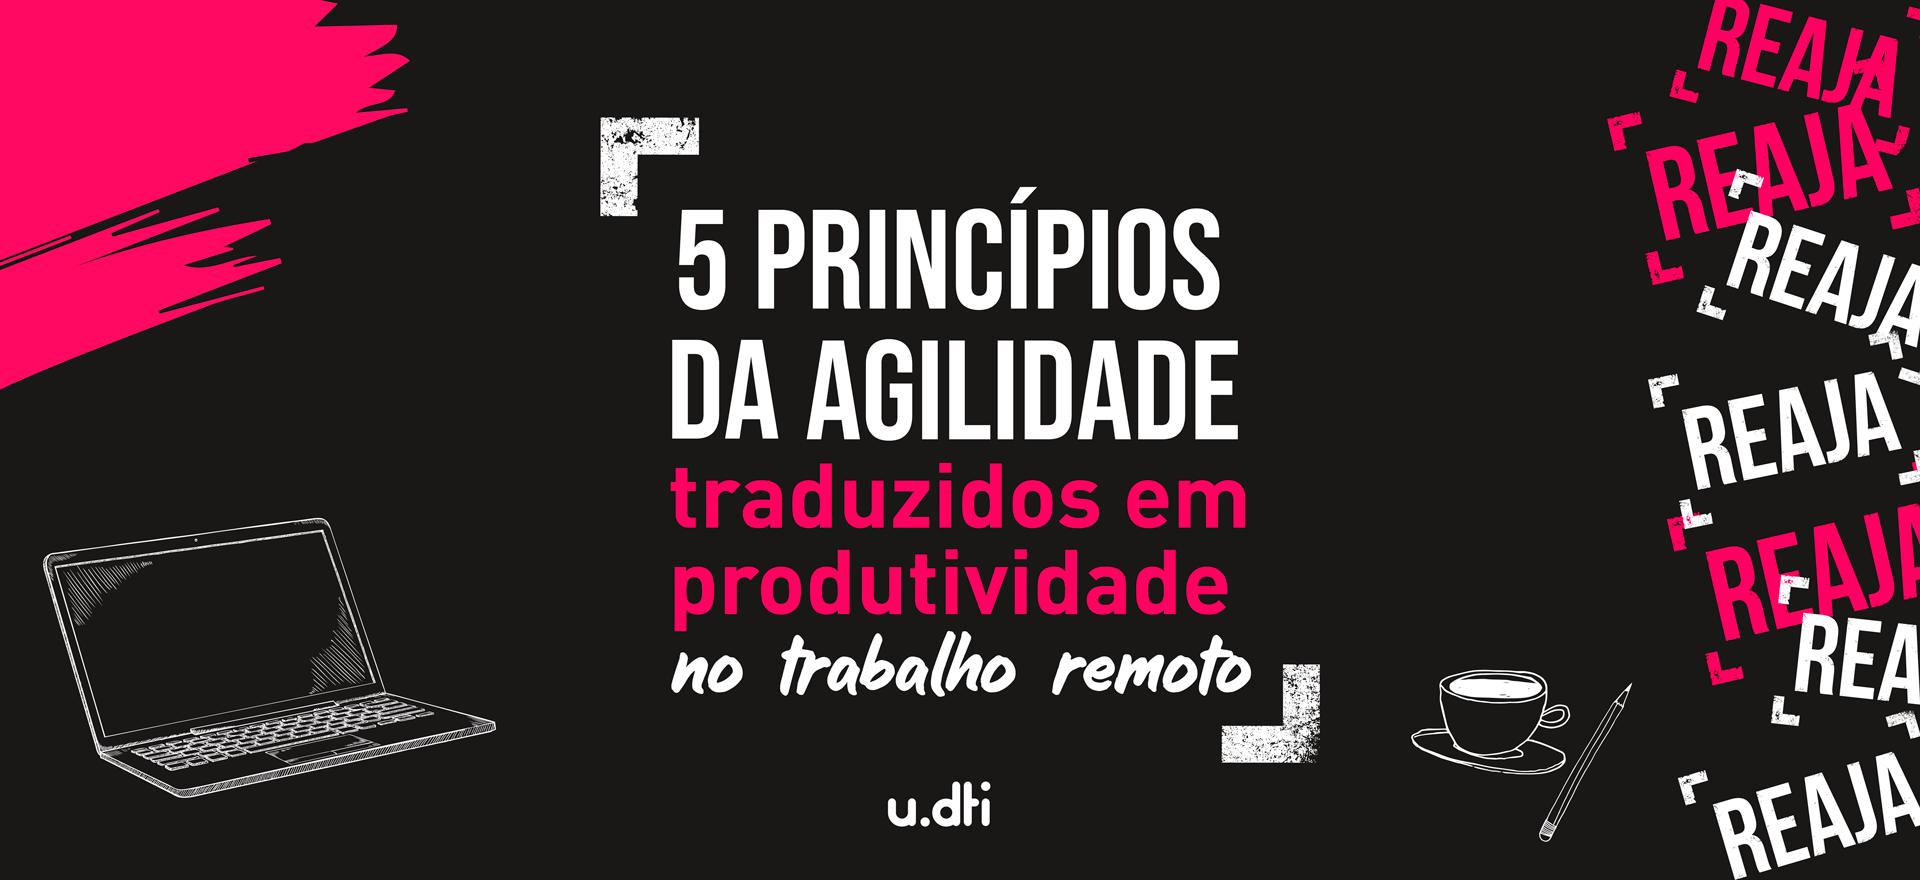 5 princípios da agilidade para ter produtividade no trabalho remoto